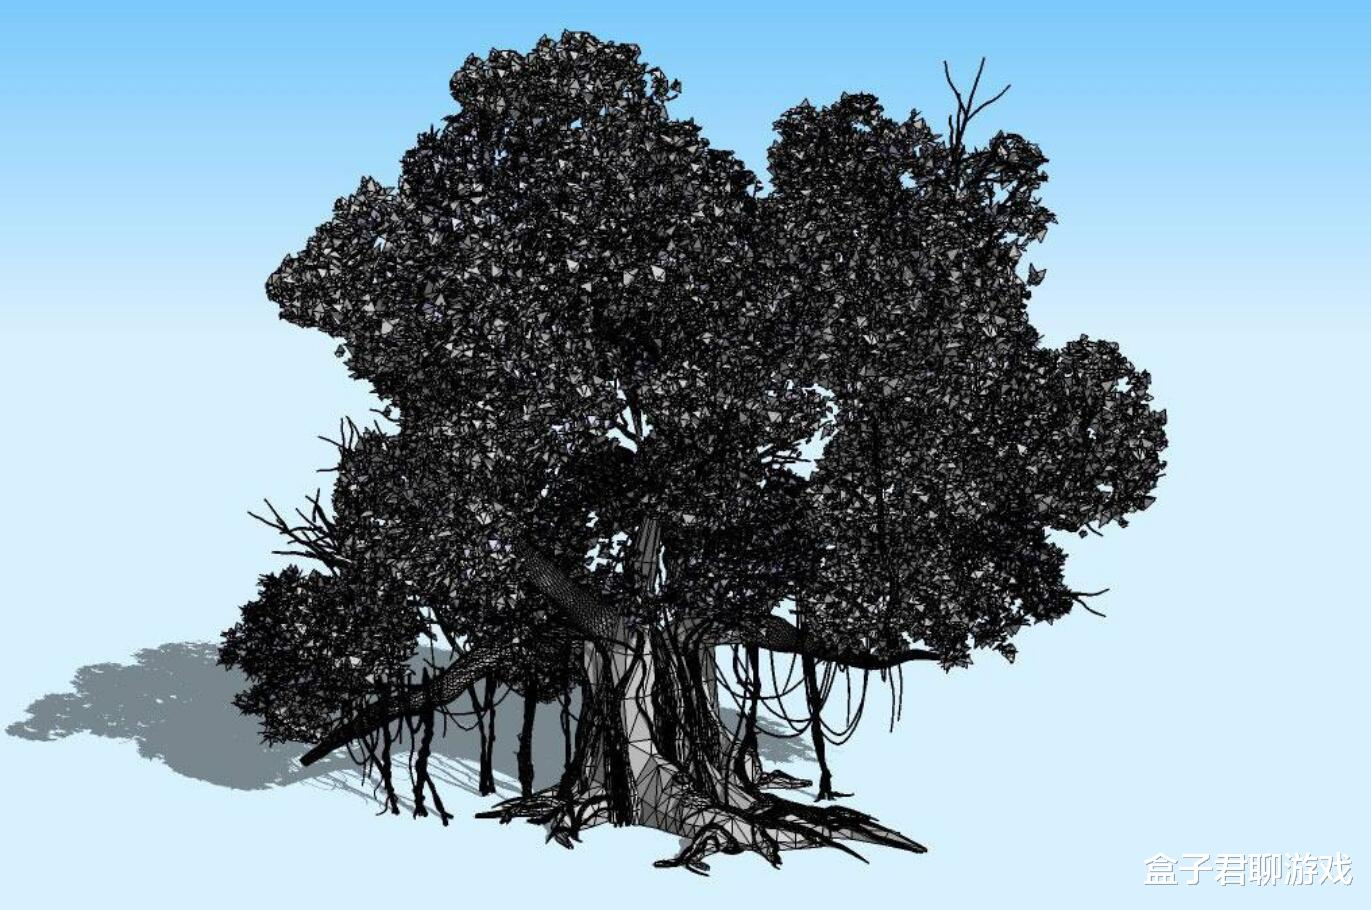 轩辕剑7网游下载_一个和地球相同比例的虚拟地球,需要占用多少存储容量?-第3张图片-游戏摸鱼怪